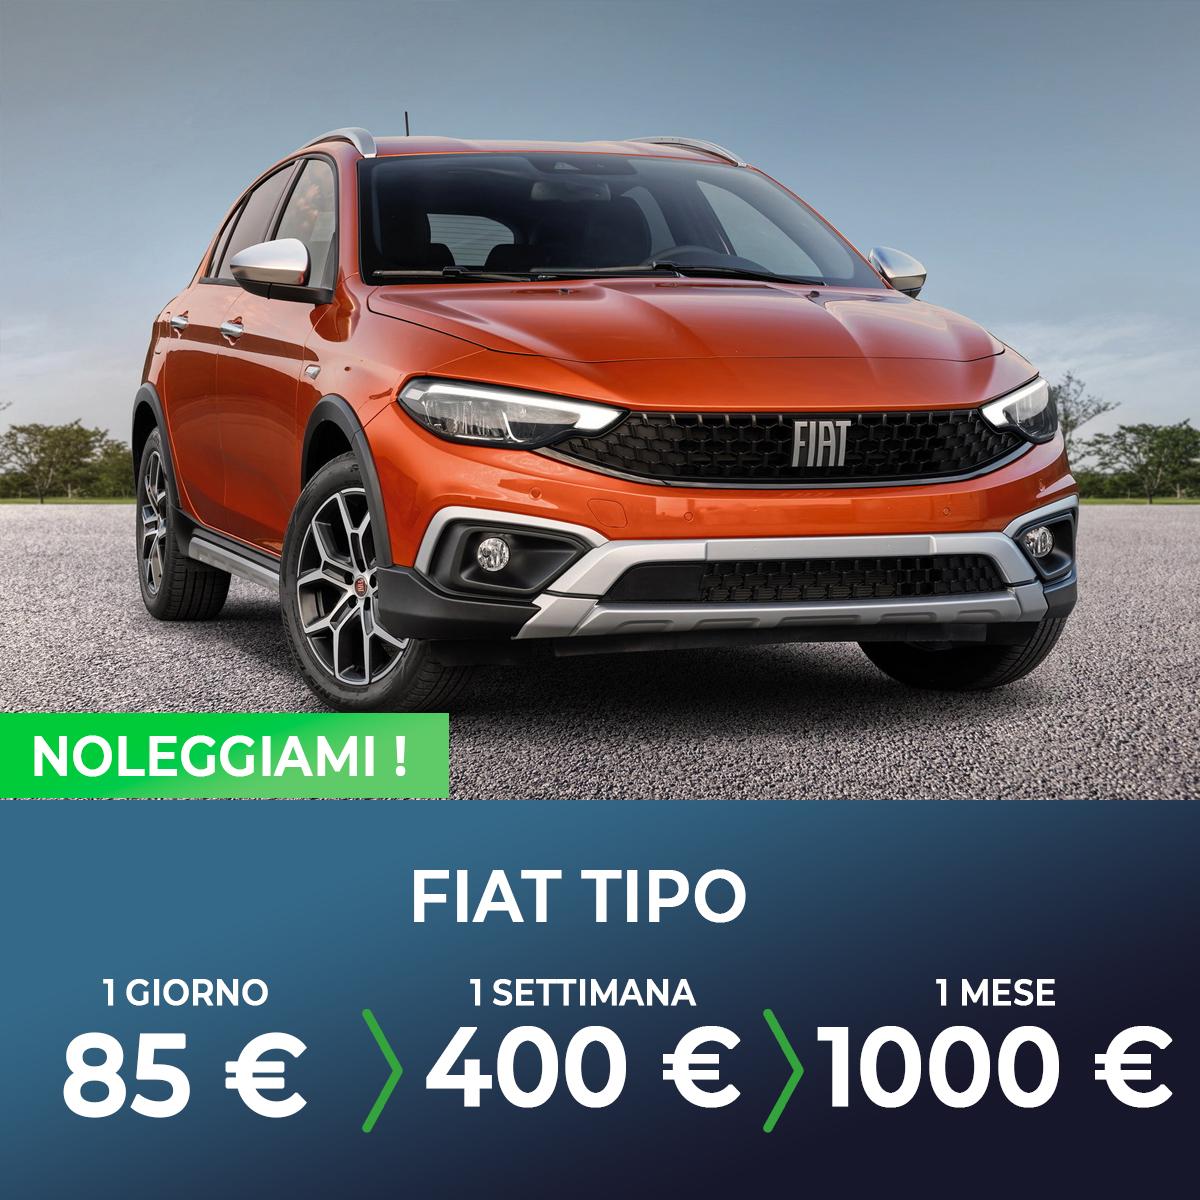 Fiat Tipo noleggio breve termine